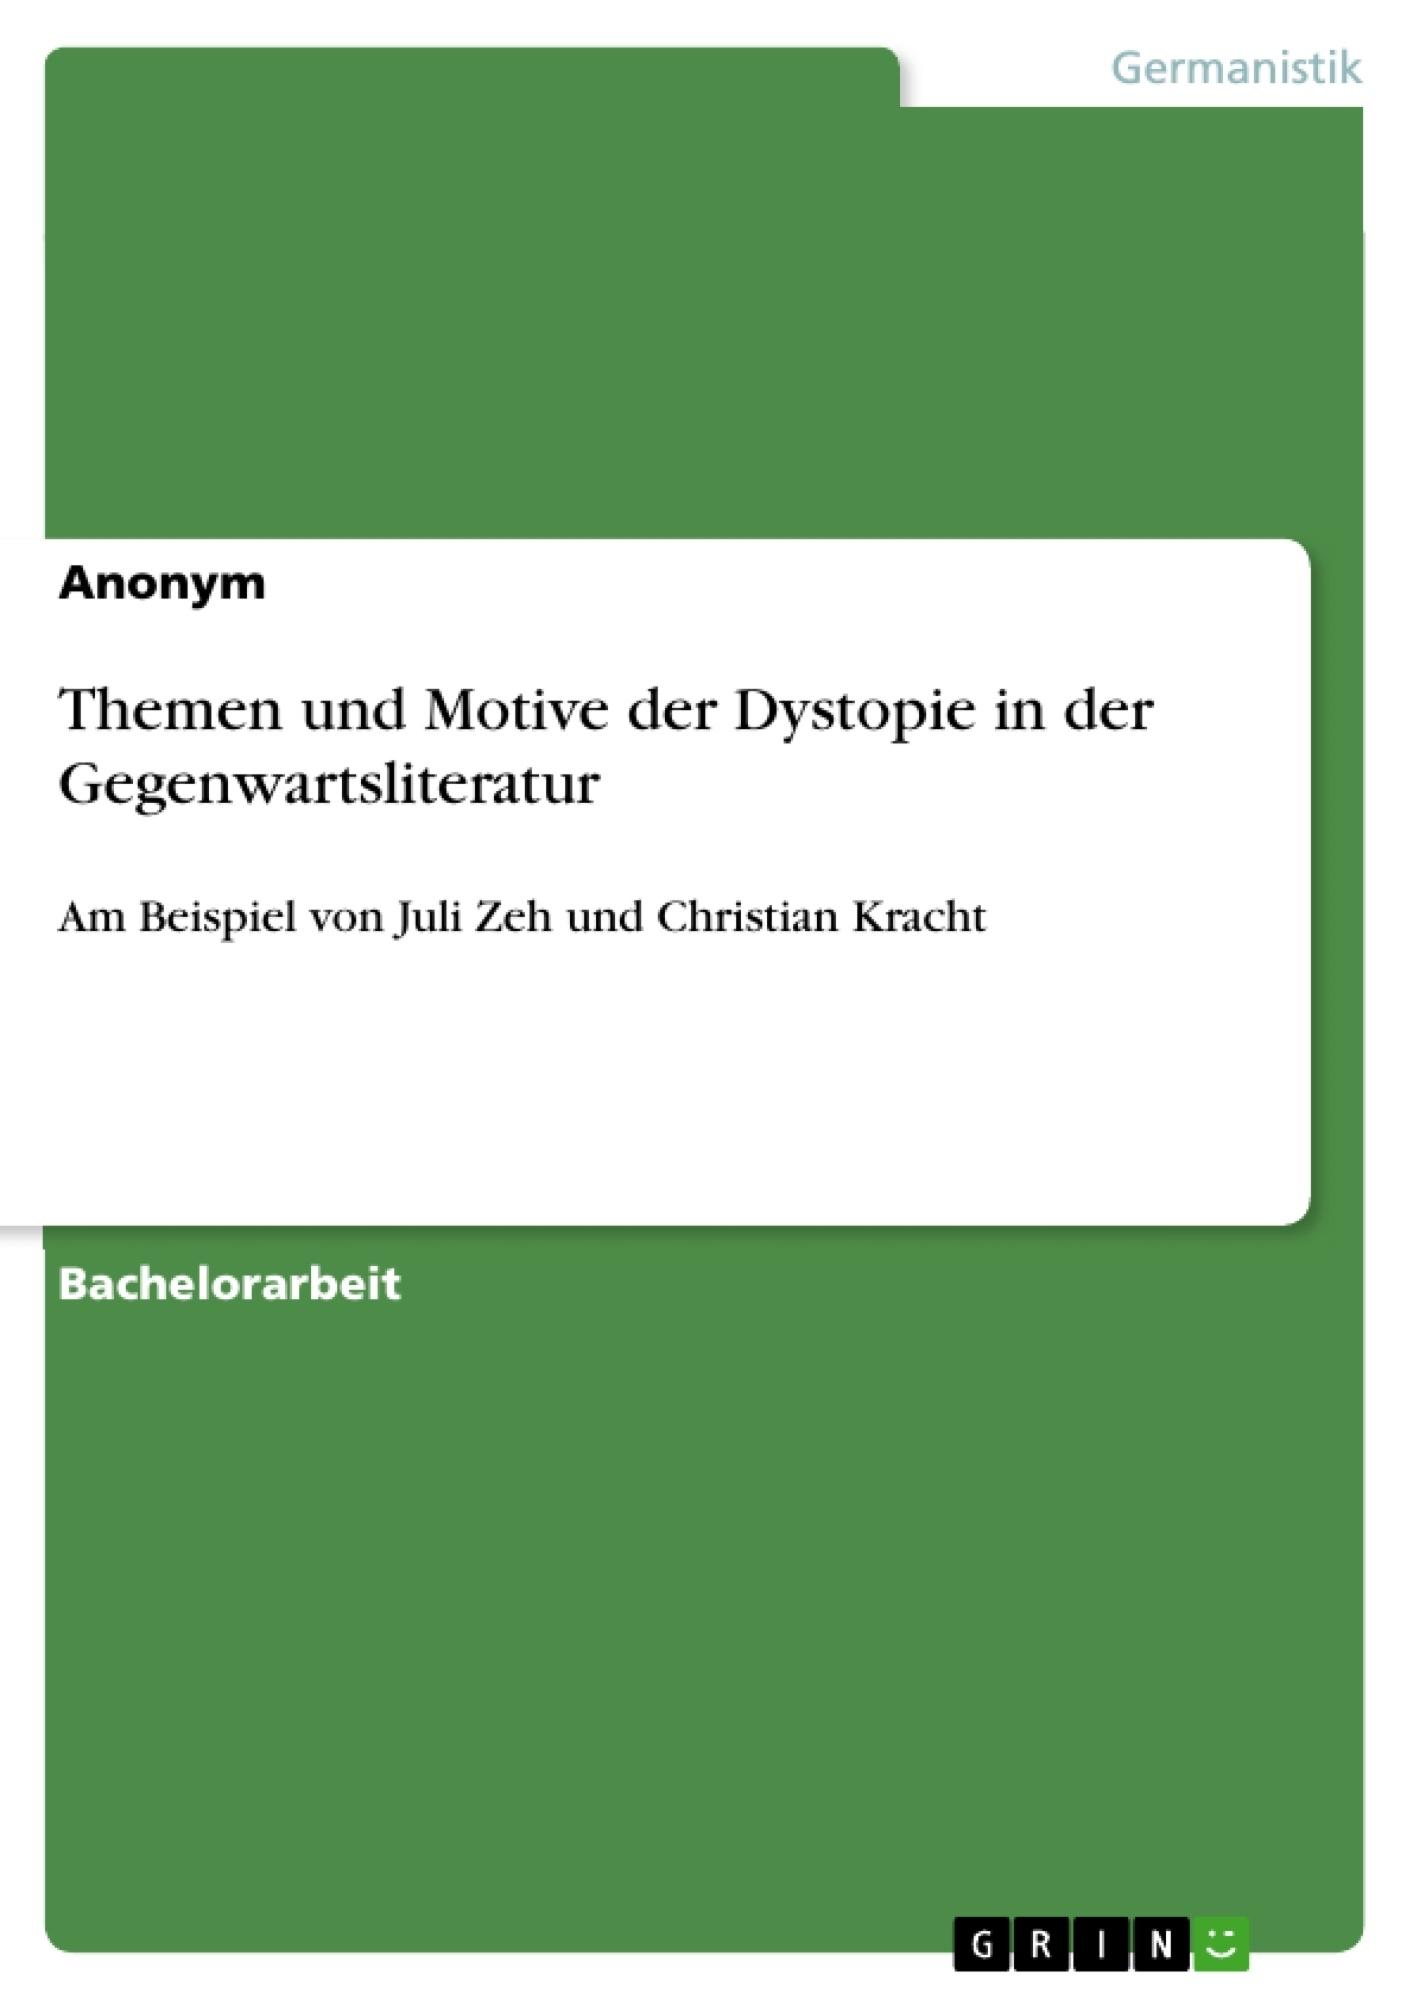 Titel: Themen und Motive der Dystopie in der Gegenwartsliteratur